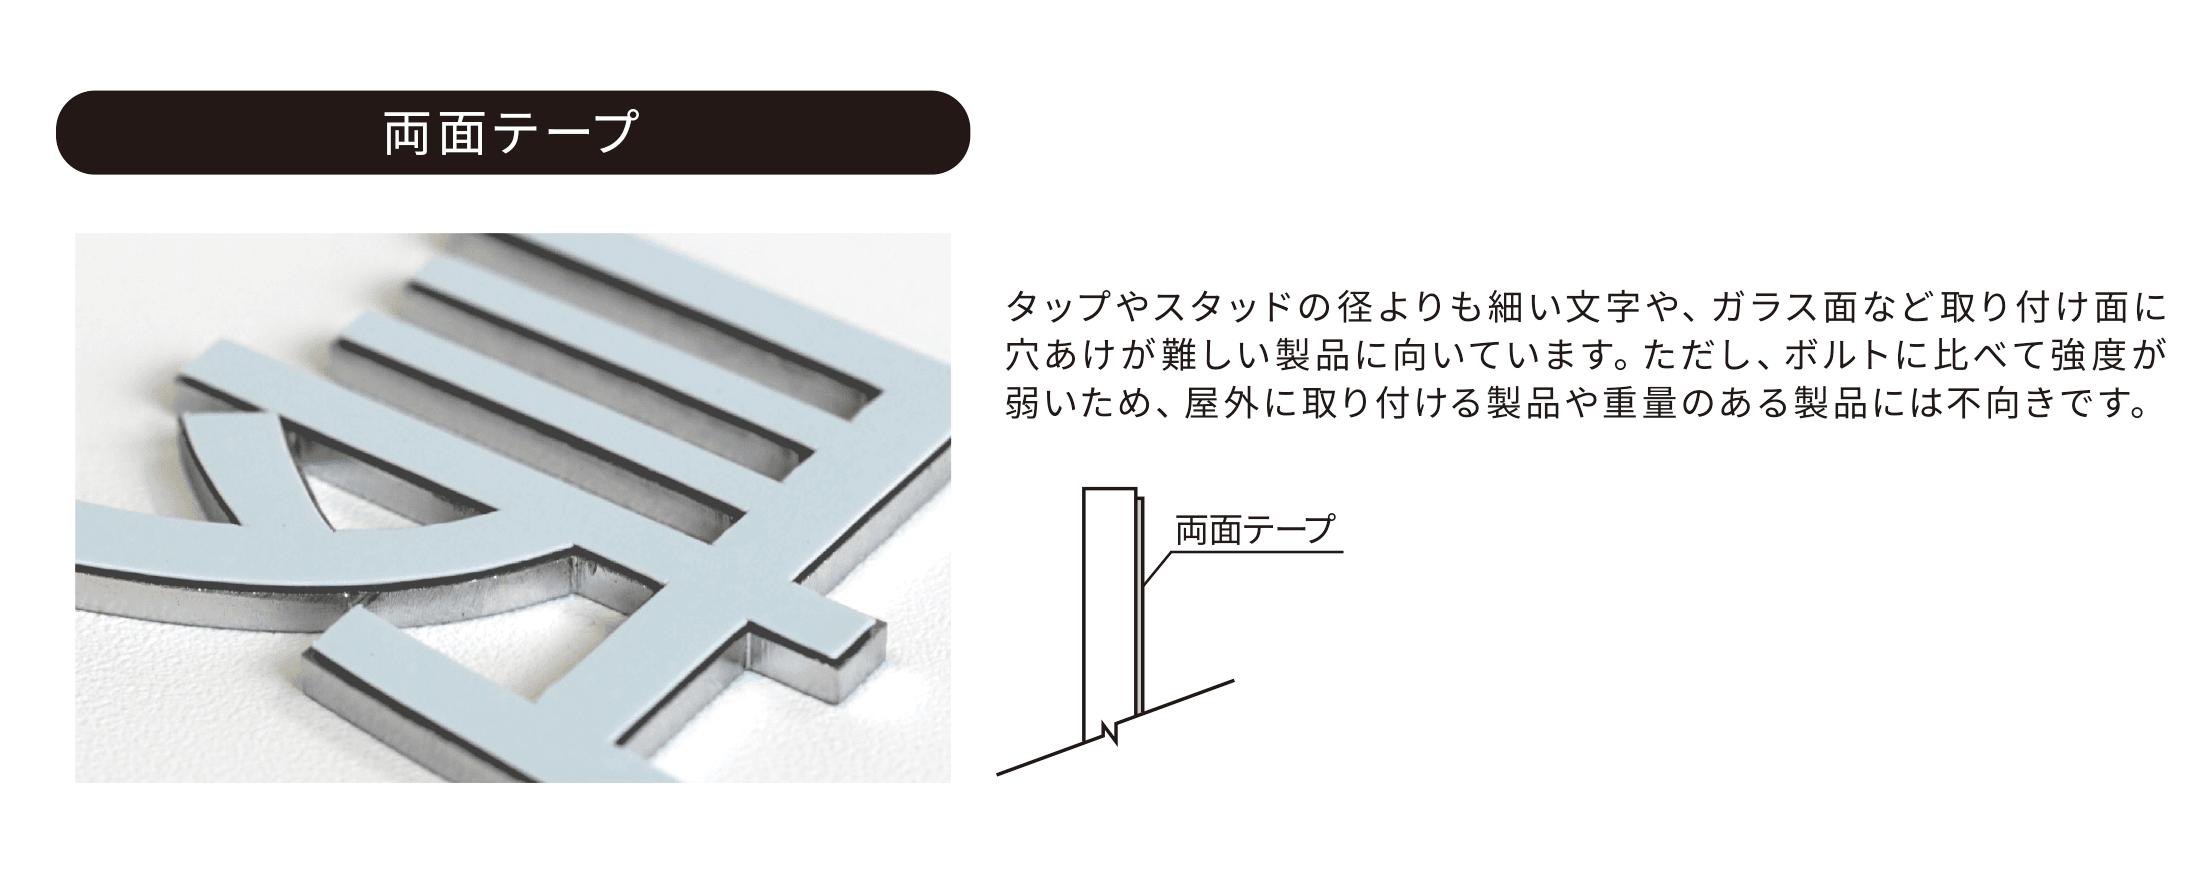 両面テープ タップやスタッドの径よりも細い文字や、ガラス面など取り付け面に穴あけが難しい製品に向いています。ただし、ボルトに比べて強度が弱いため、屋外に取り付ける製品や重量のある製品には不向きです。